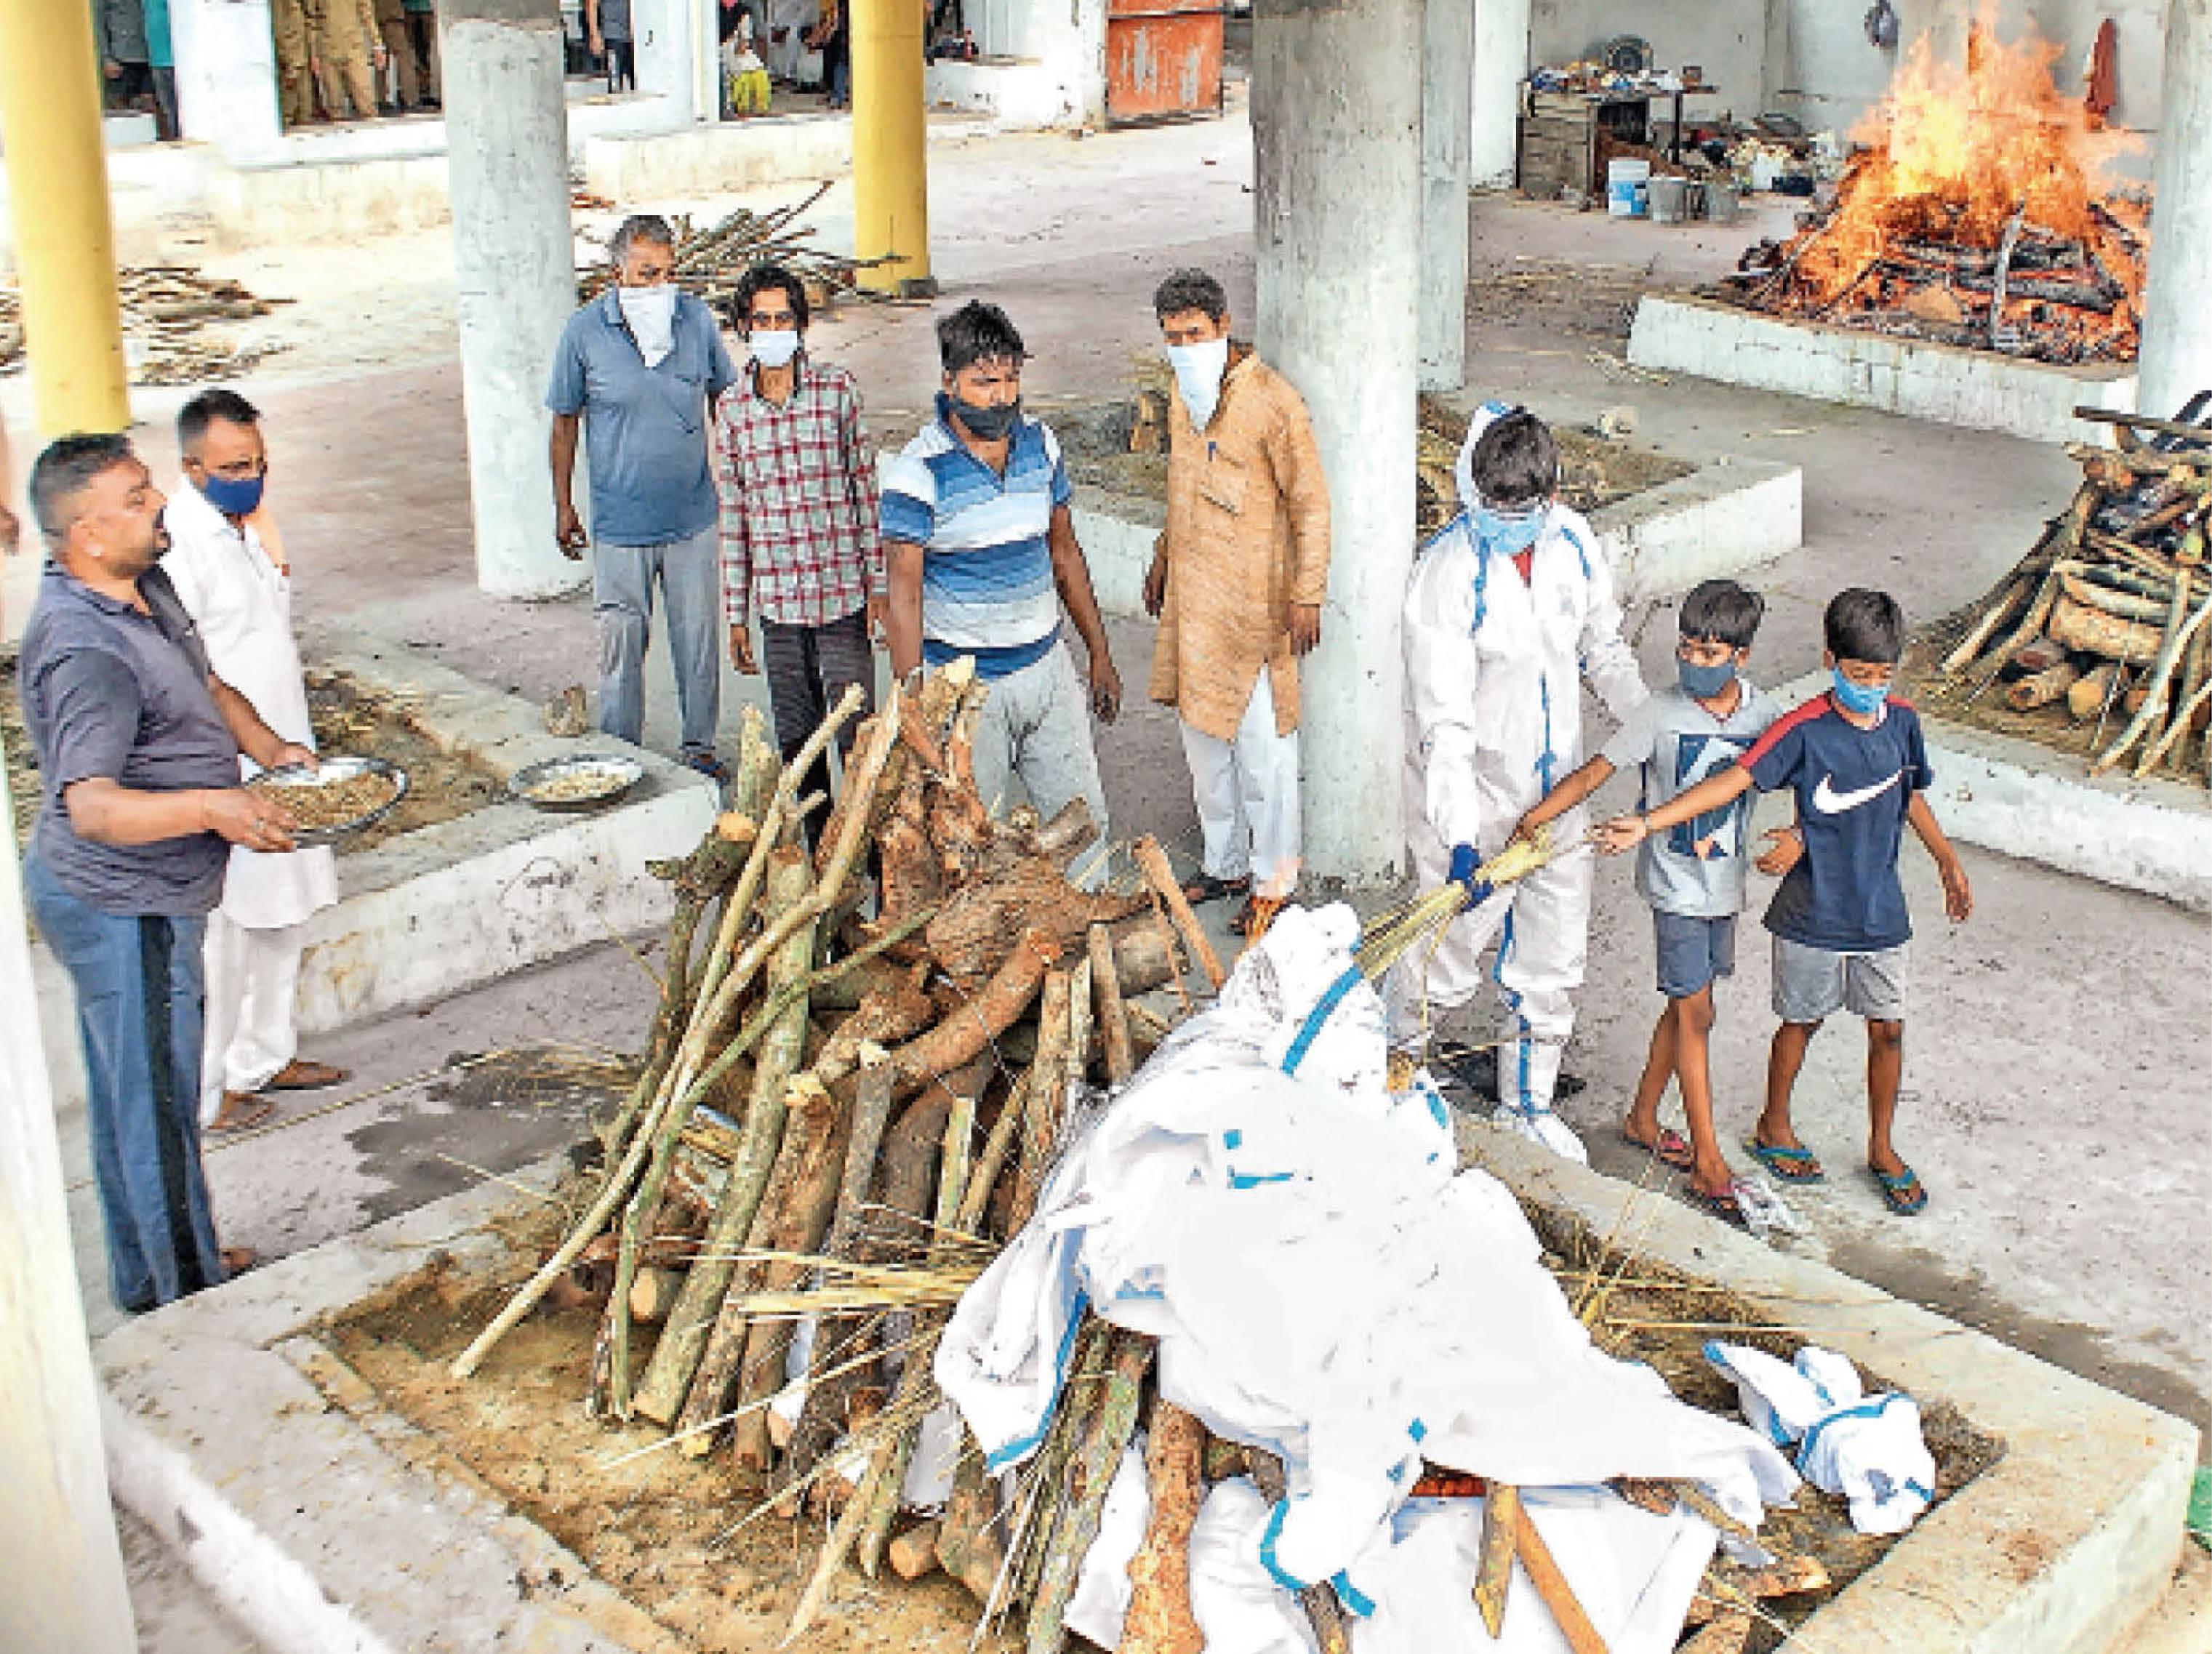 पंजाब ने 413 दिन में 10 हजार अपने गंवाए; 24 घंटे में 156 लोगों की मौत, पहली बार 8828 मरीज मिले|जालंधर,Jalandhar - Dainik Bhaskar